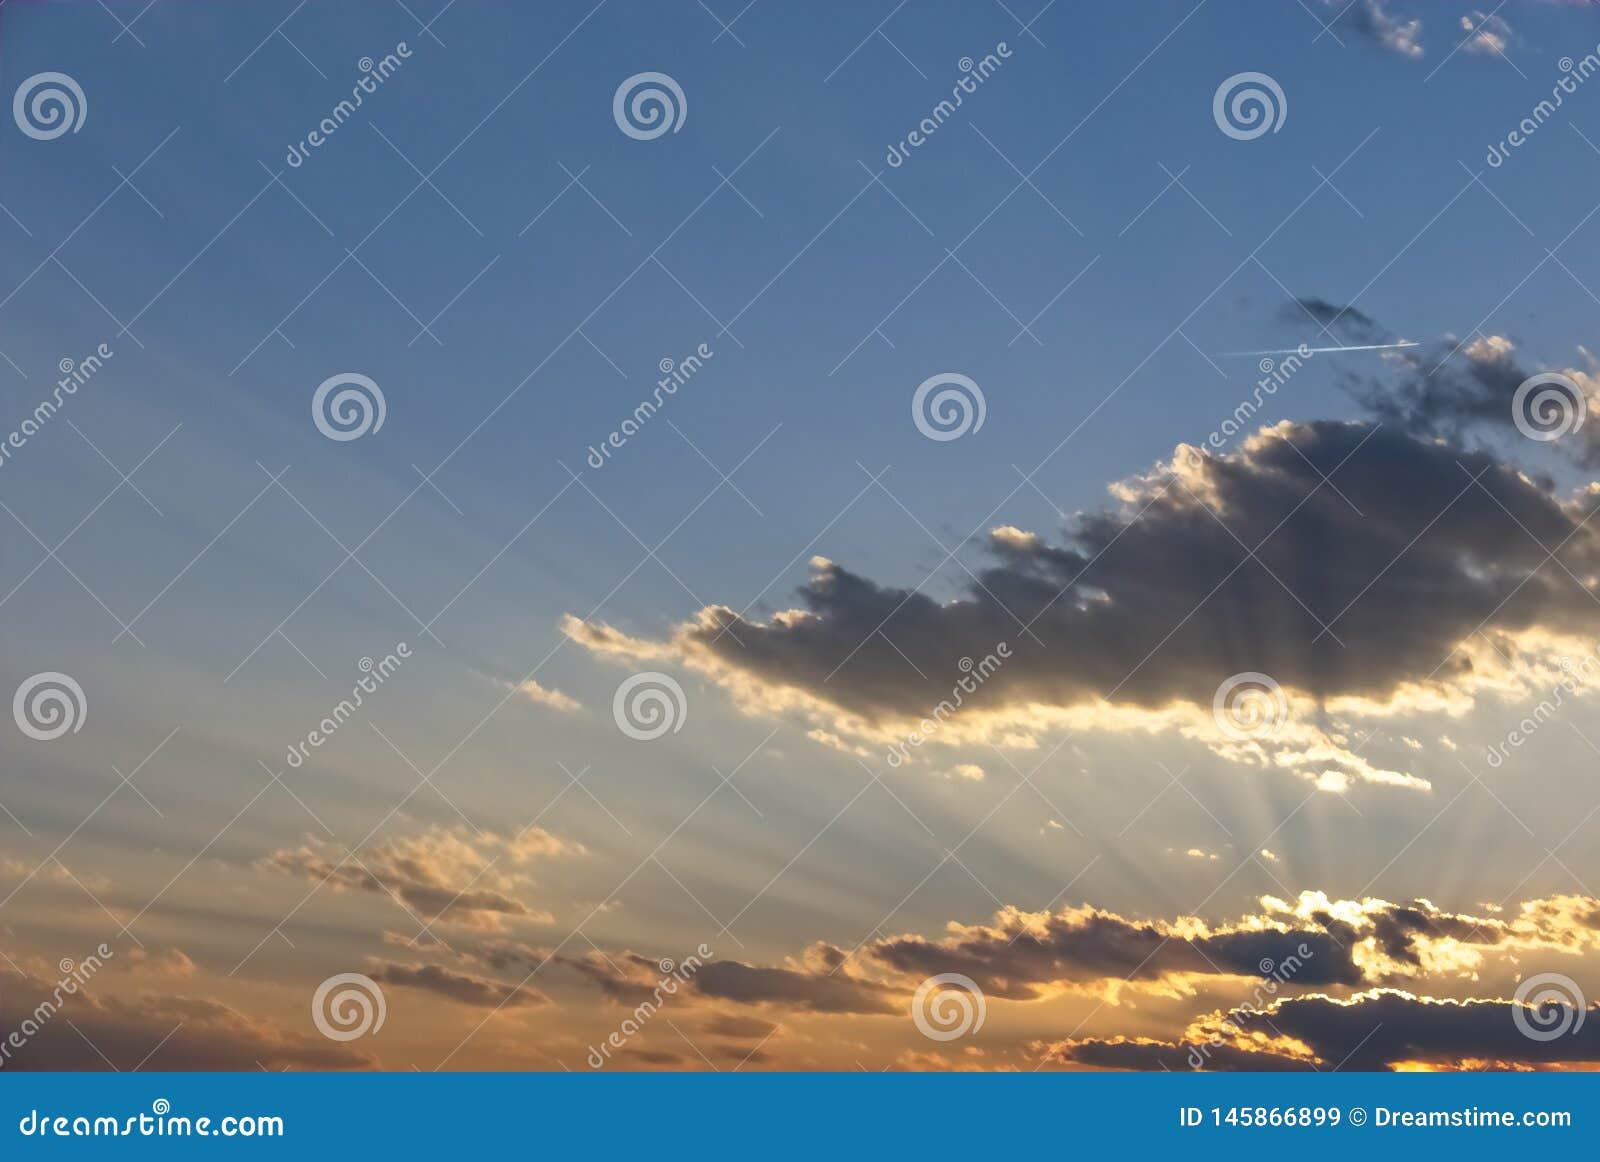 Ακτίνες του φωτός στα σύννεφα